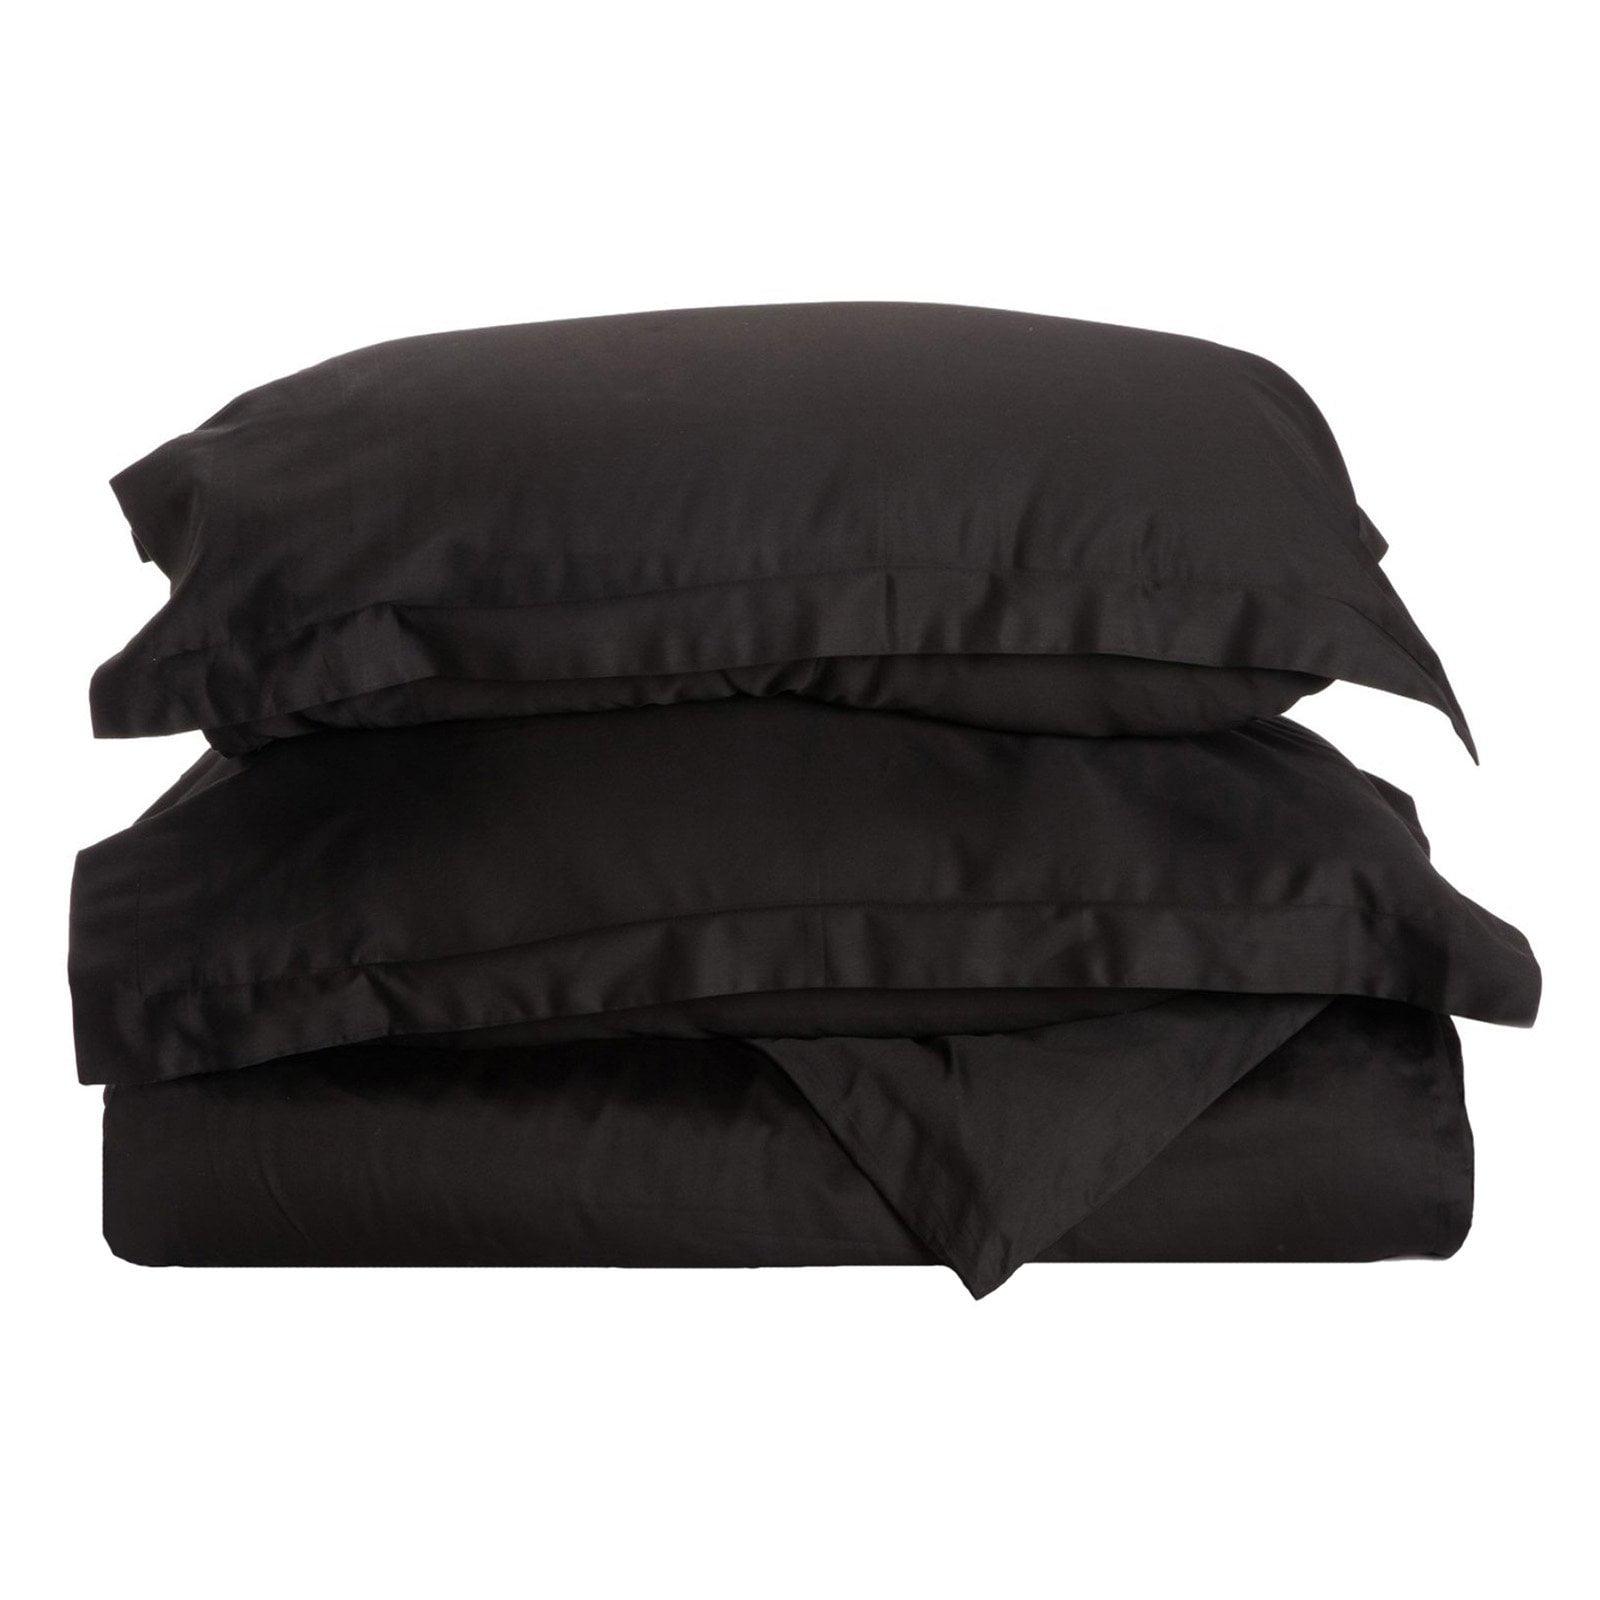 Superior 300 Thread Count 100% Premium Quality Cotton Duvet Cover Set